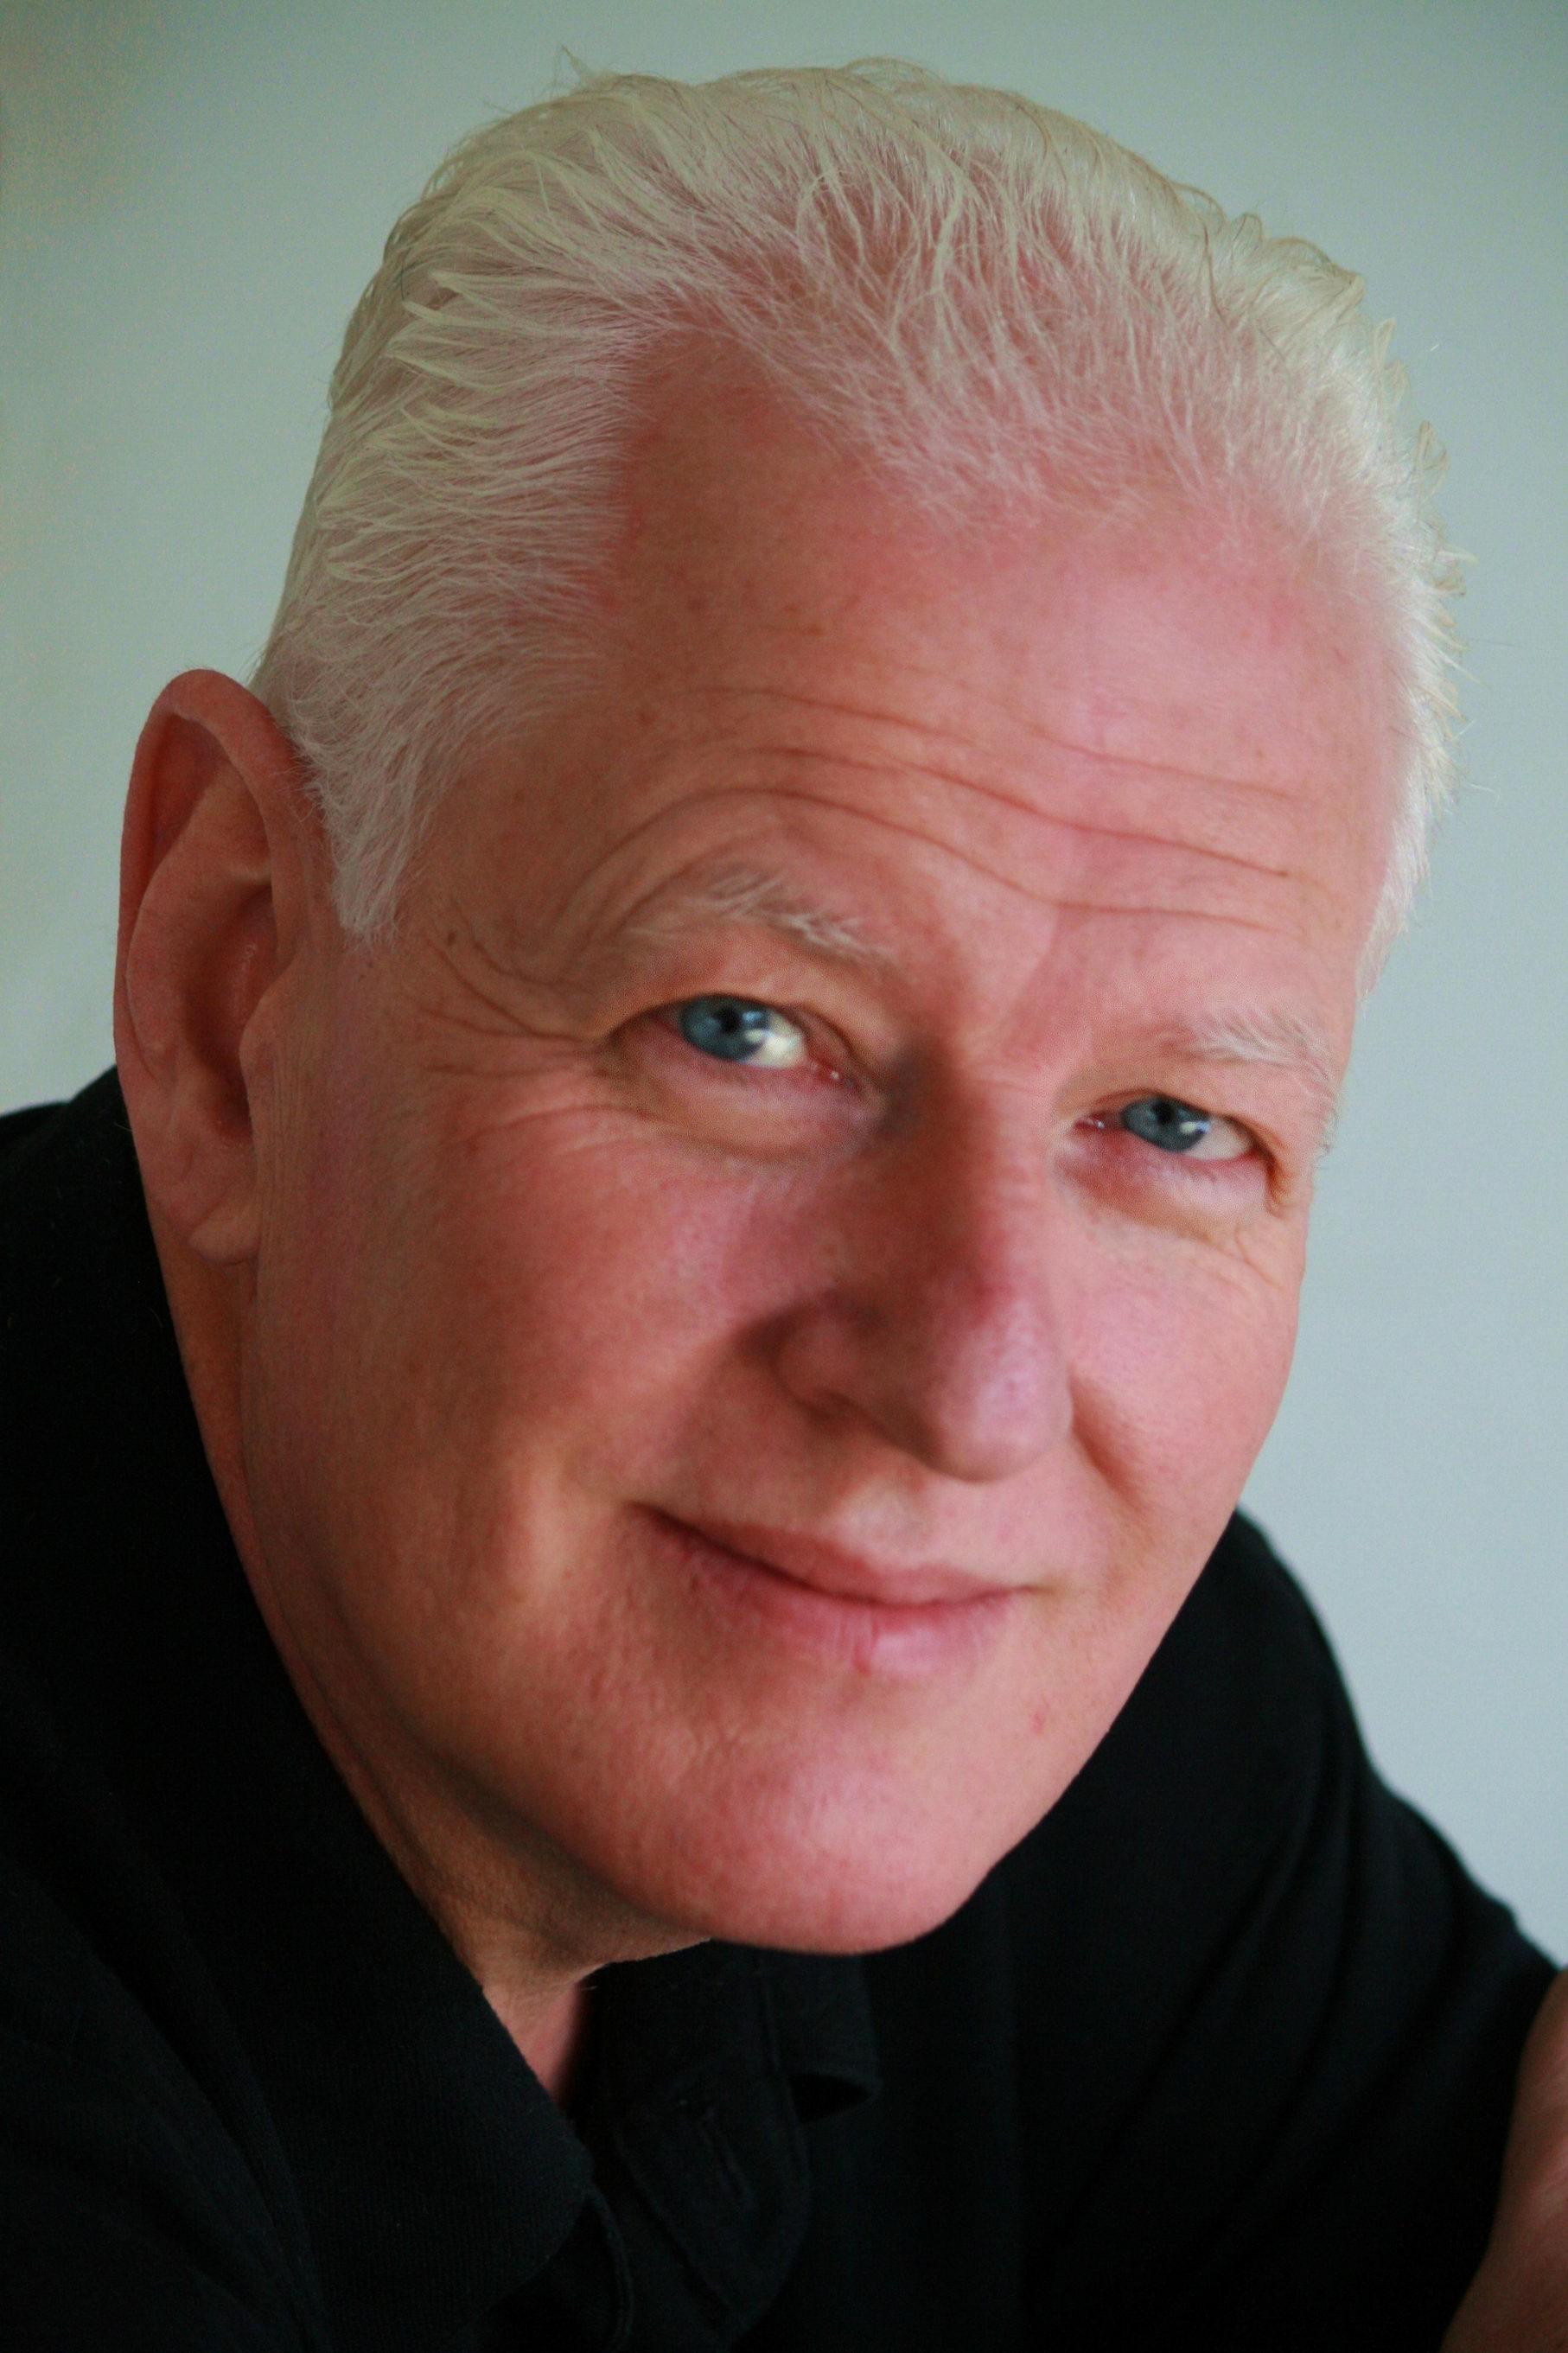 Michael Adams – Actor